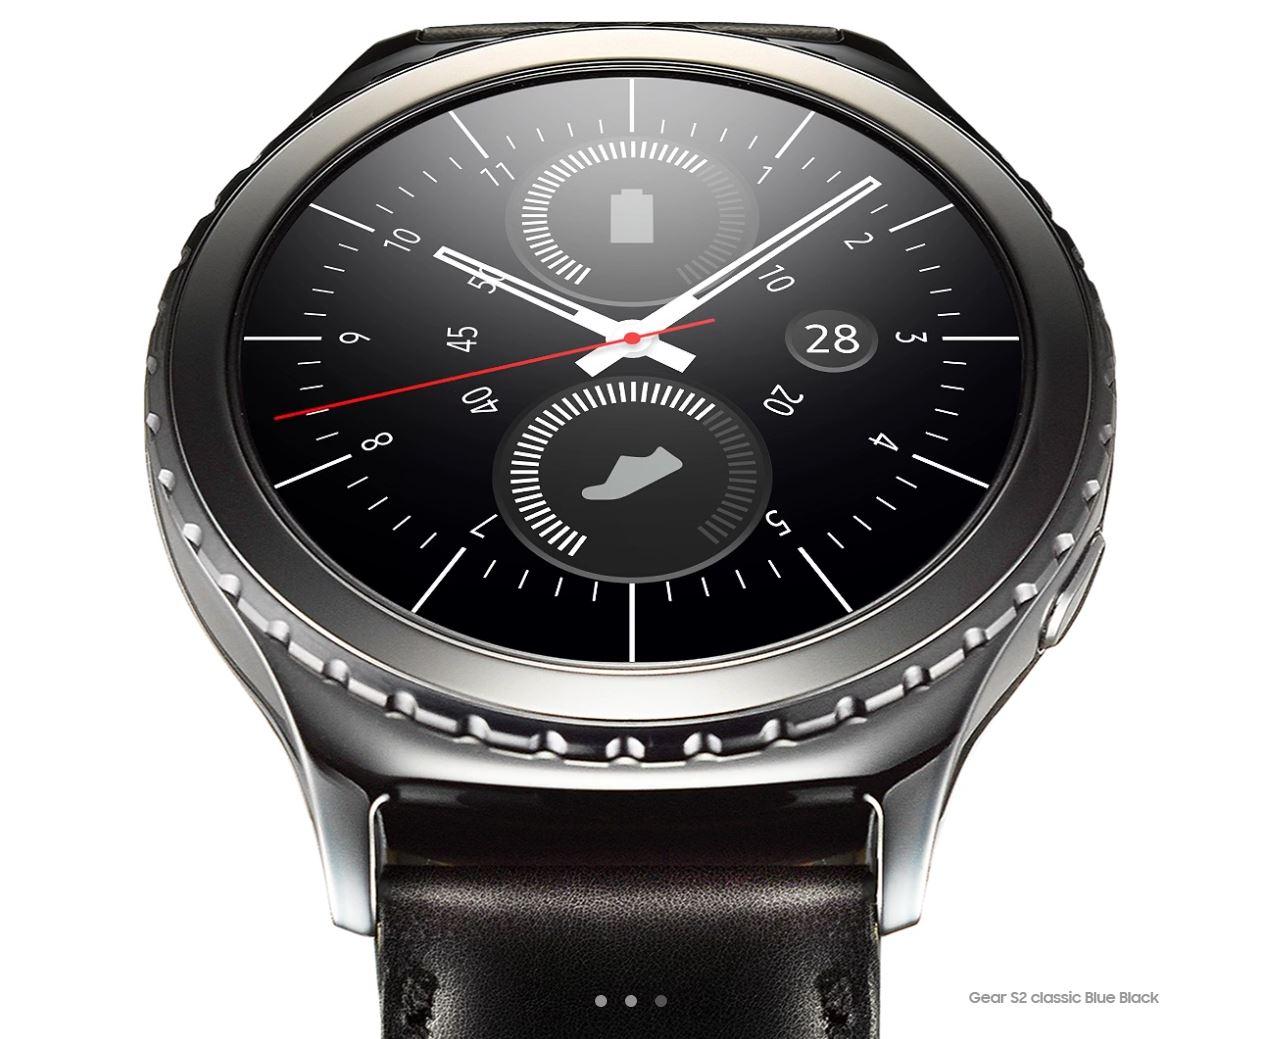 Smartwatch-ul Gear S2 a fost lansat